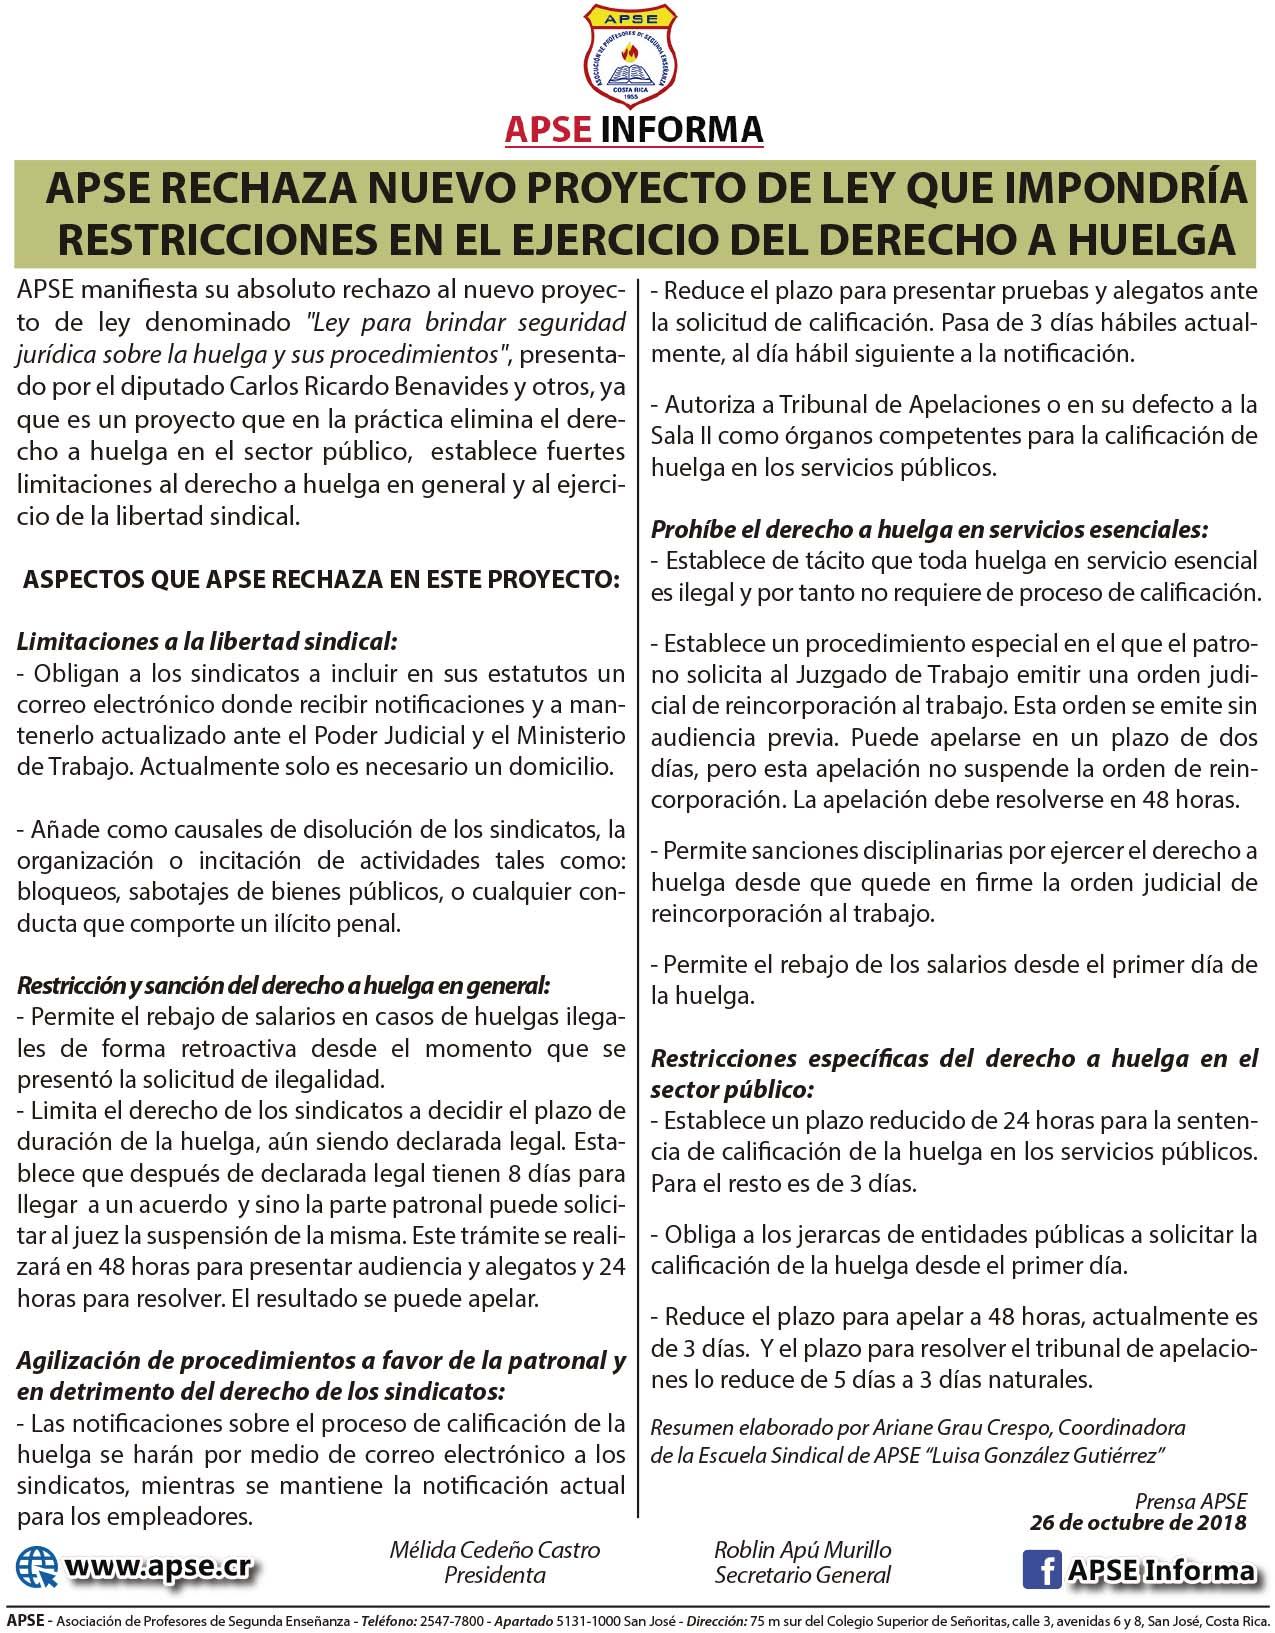 APSE RECHAZA NUEVO PROYECTO DE LEY QUE IMPONDRÍA RESTRICCIONES EN EL EJERCICIO DEL DERECHO A HUELGA